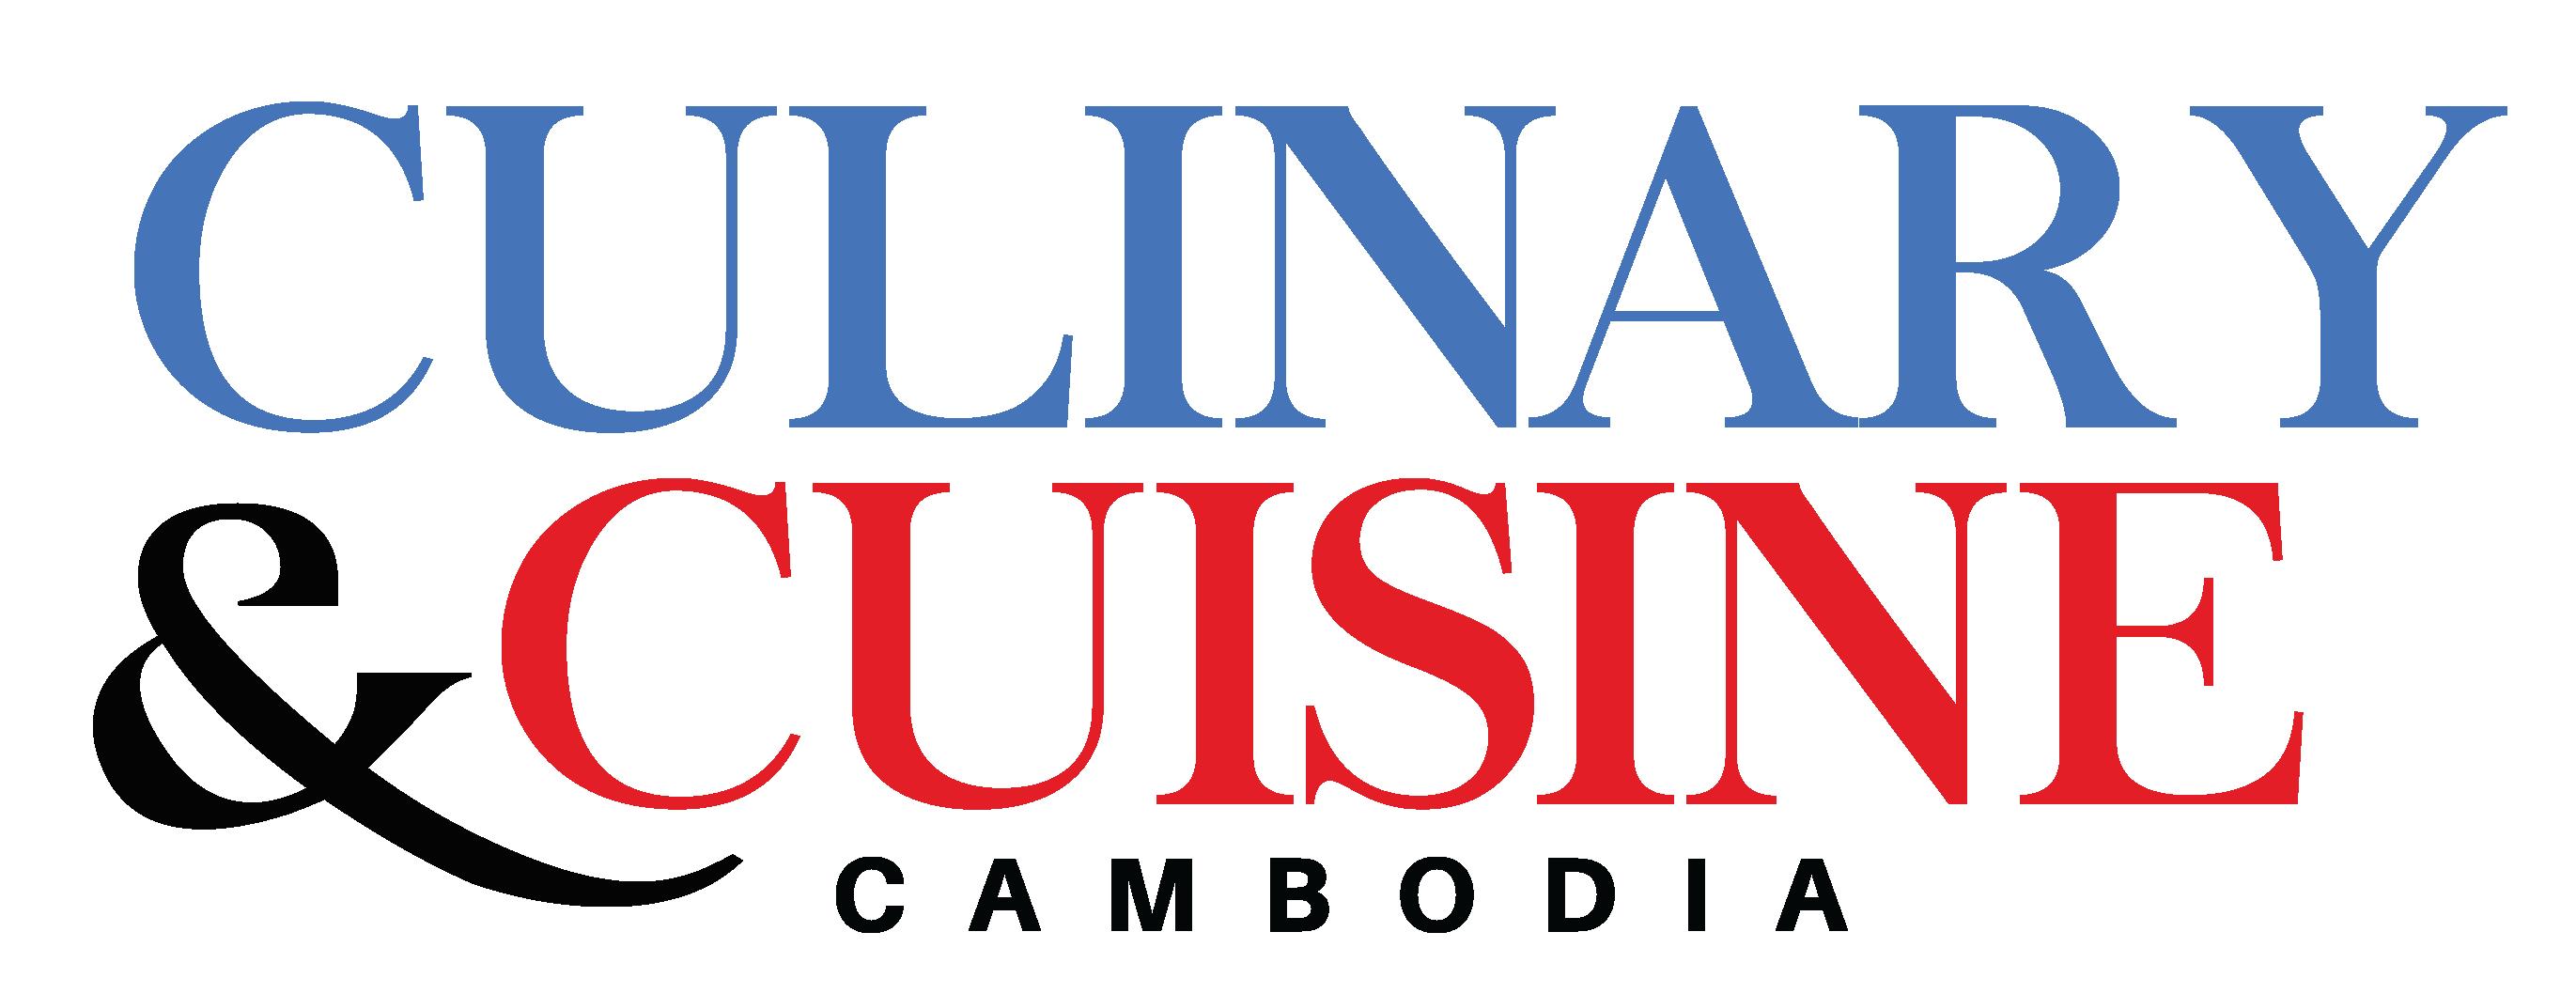 Culinary Cuisine Cambodia